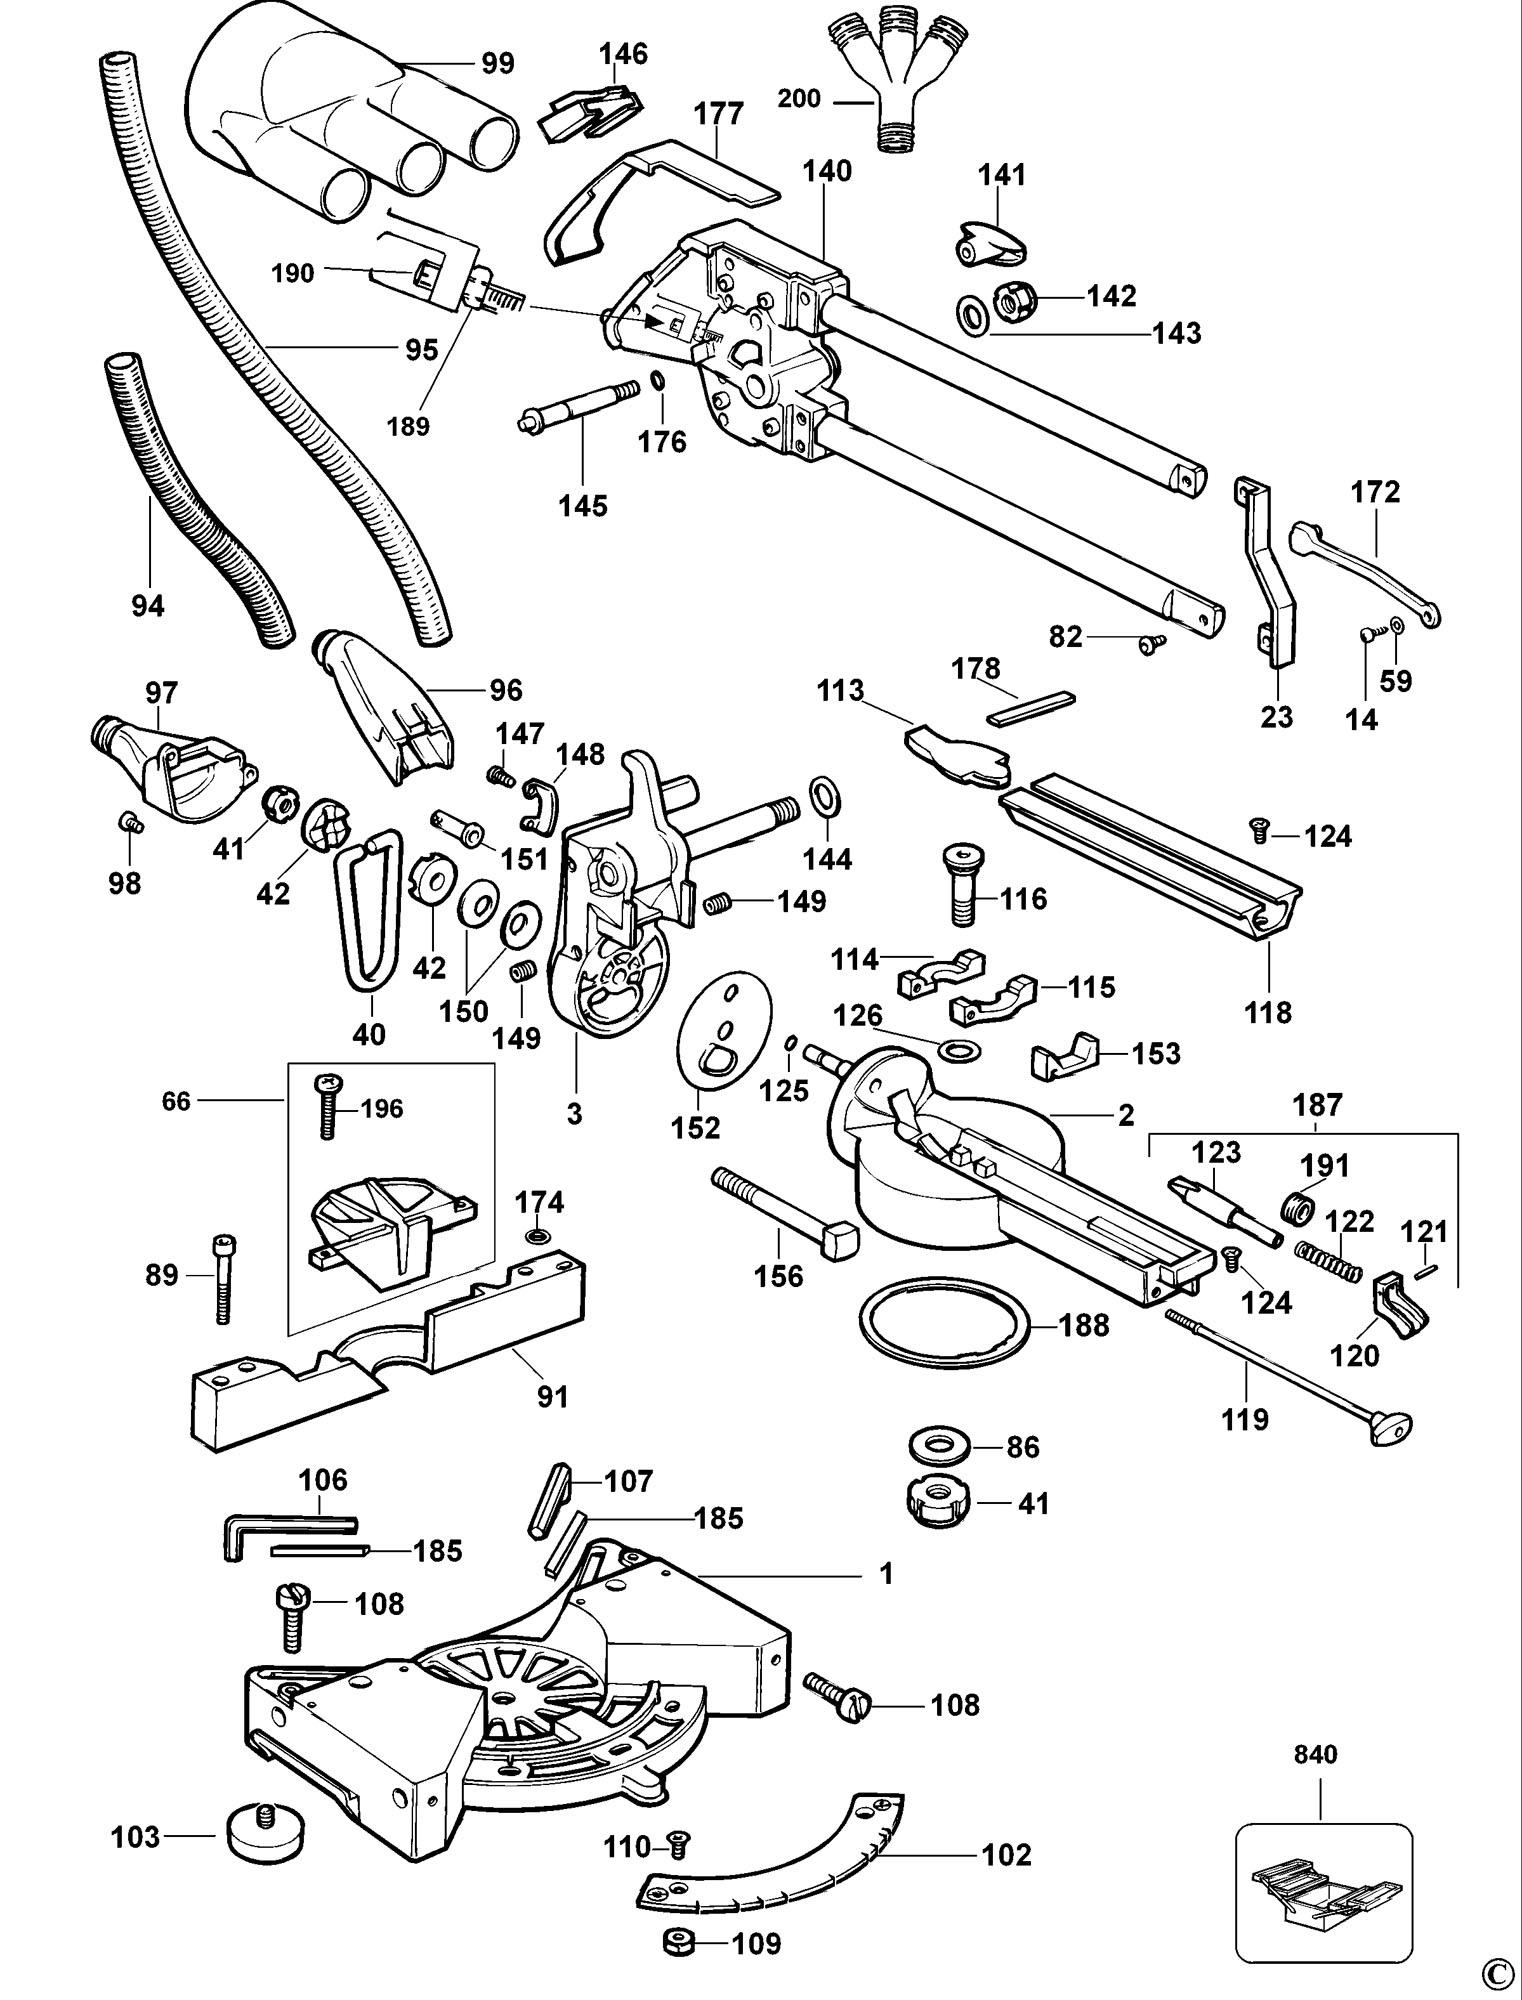 Spares for Dewalt Dw707e Mitre Saw (type 1) SPARE_DW707E